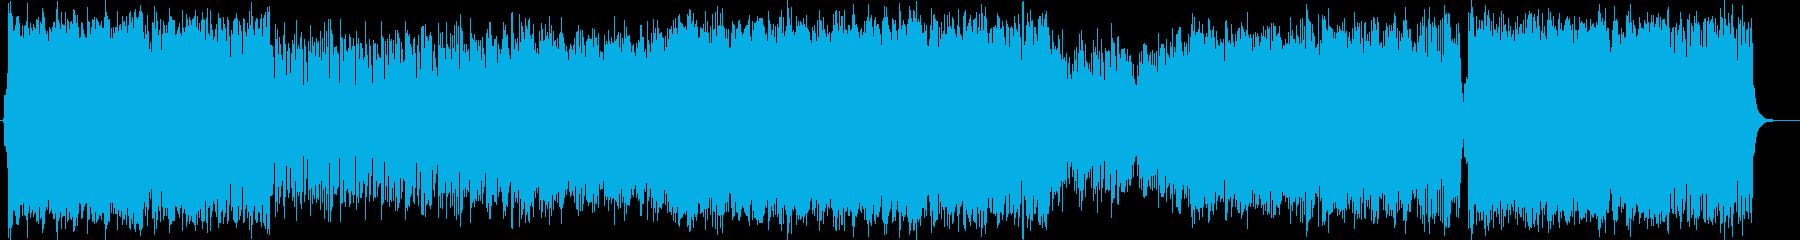 輝かしく煌びやかなミュージックの再生済みの波形